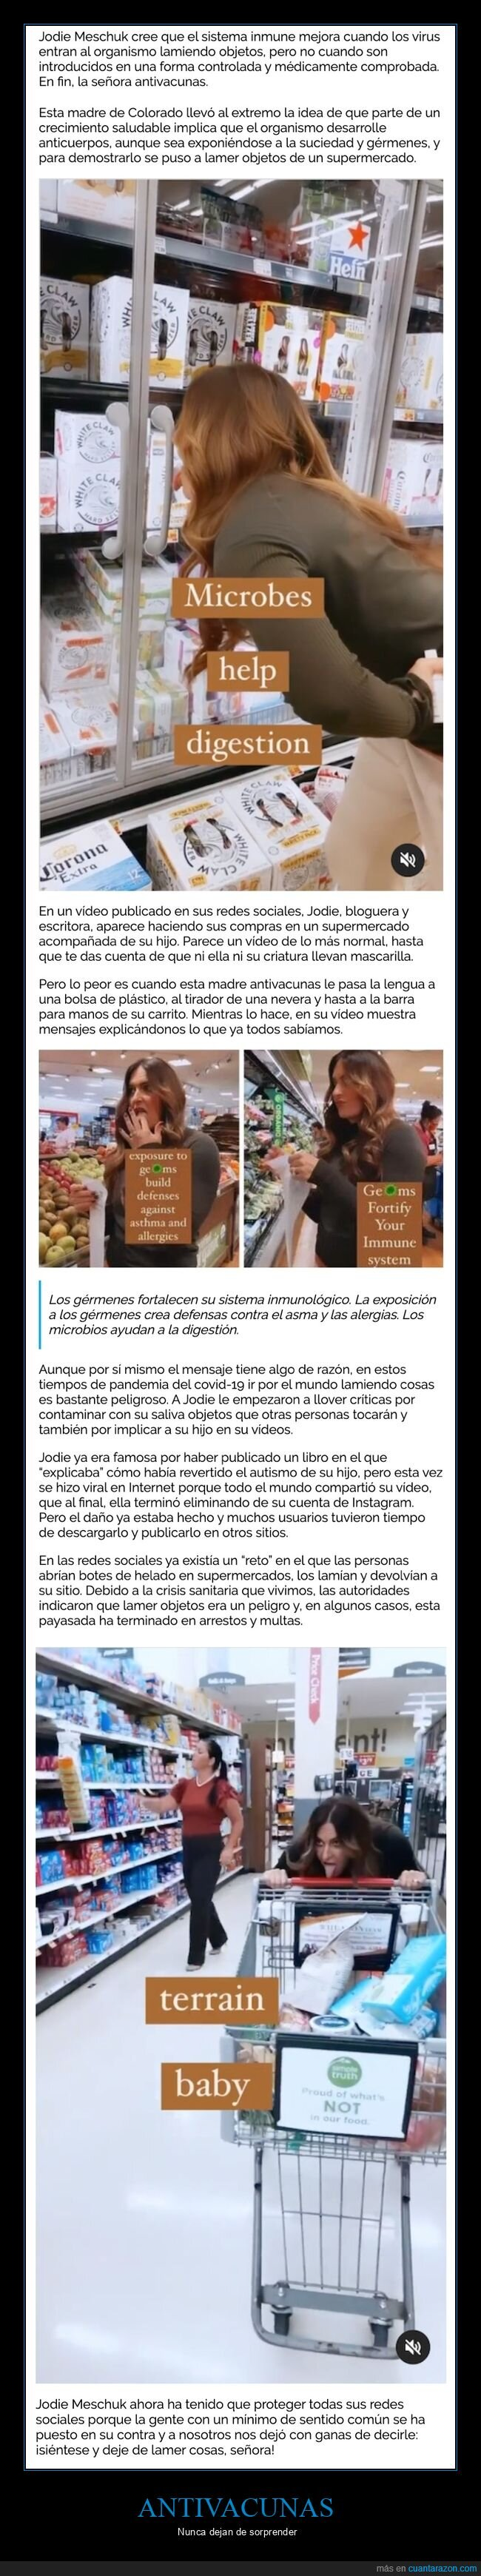 antivacunas,influencer,lamer,supermercado